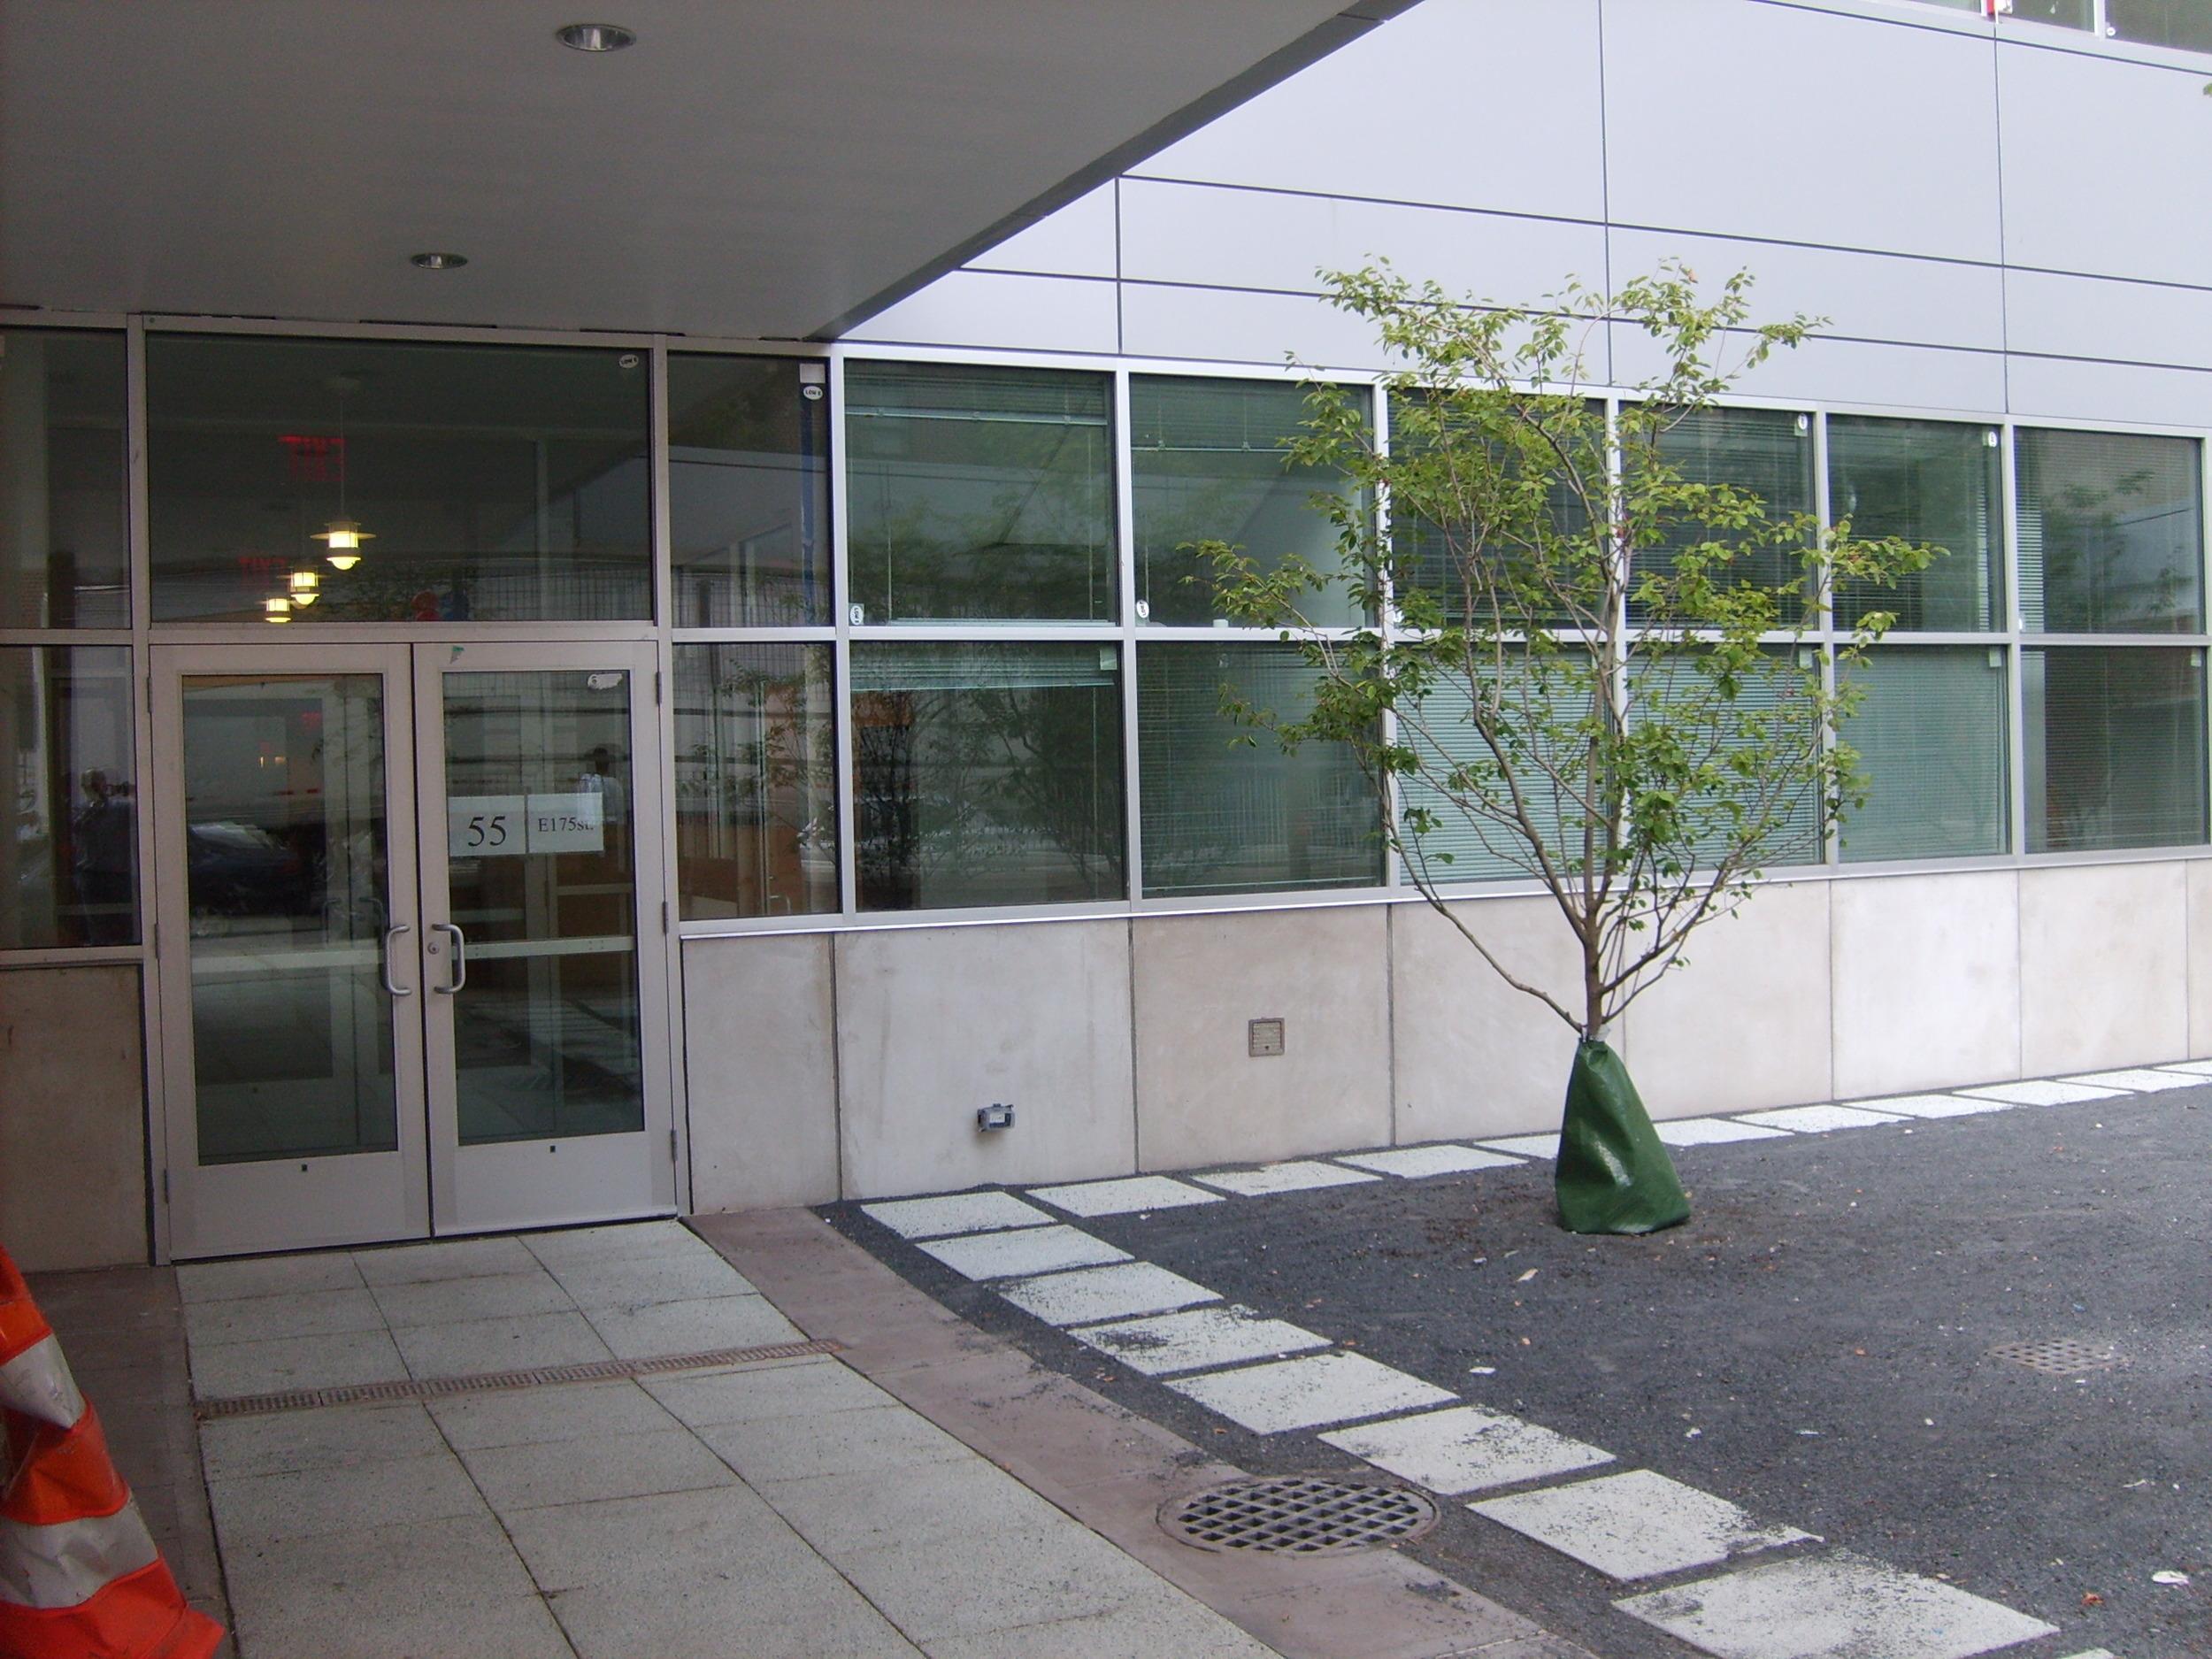 Mount Hope Green Community Center 2.jpg